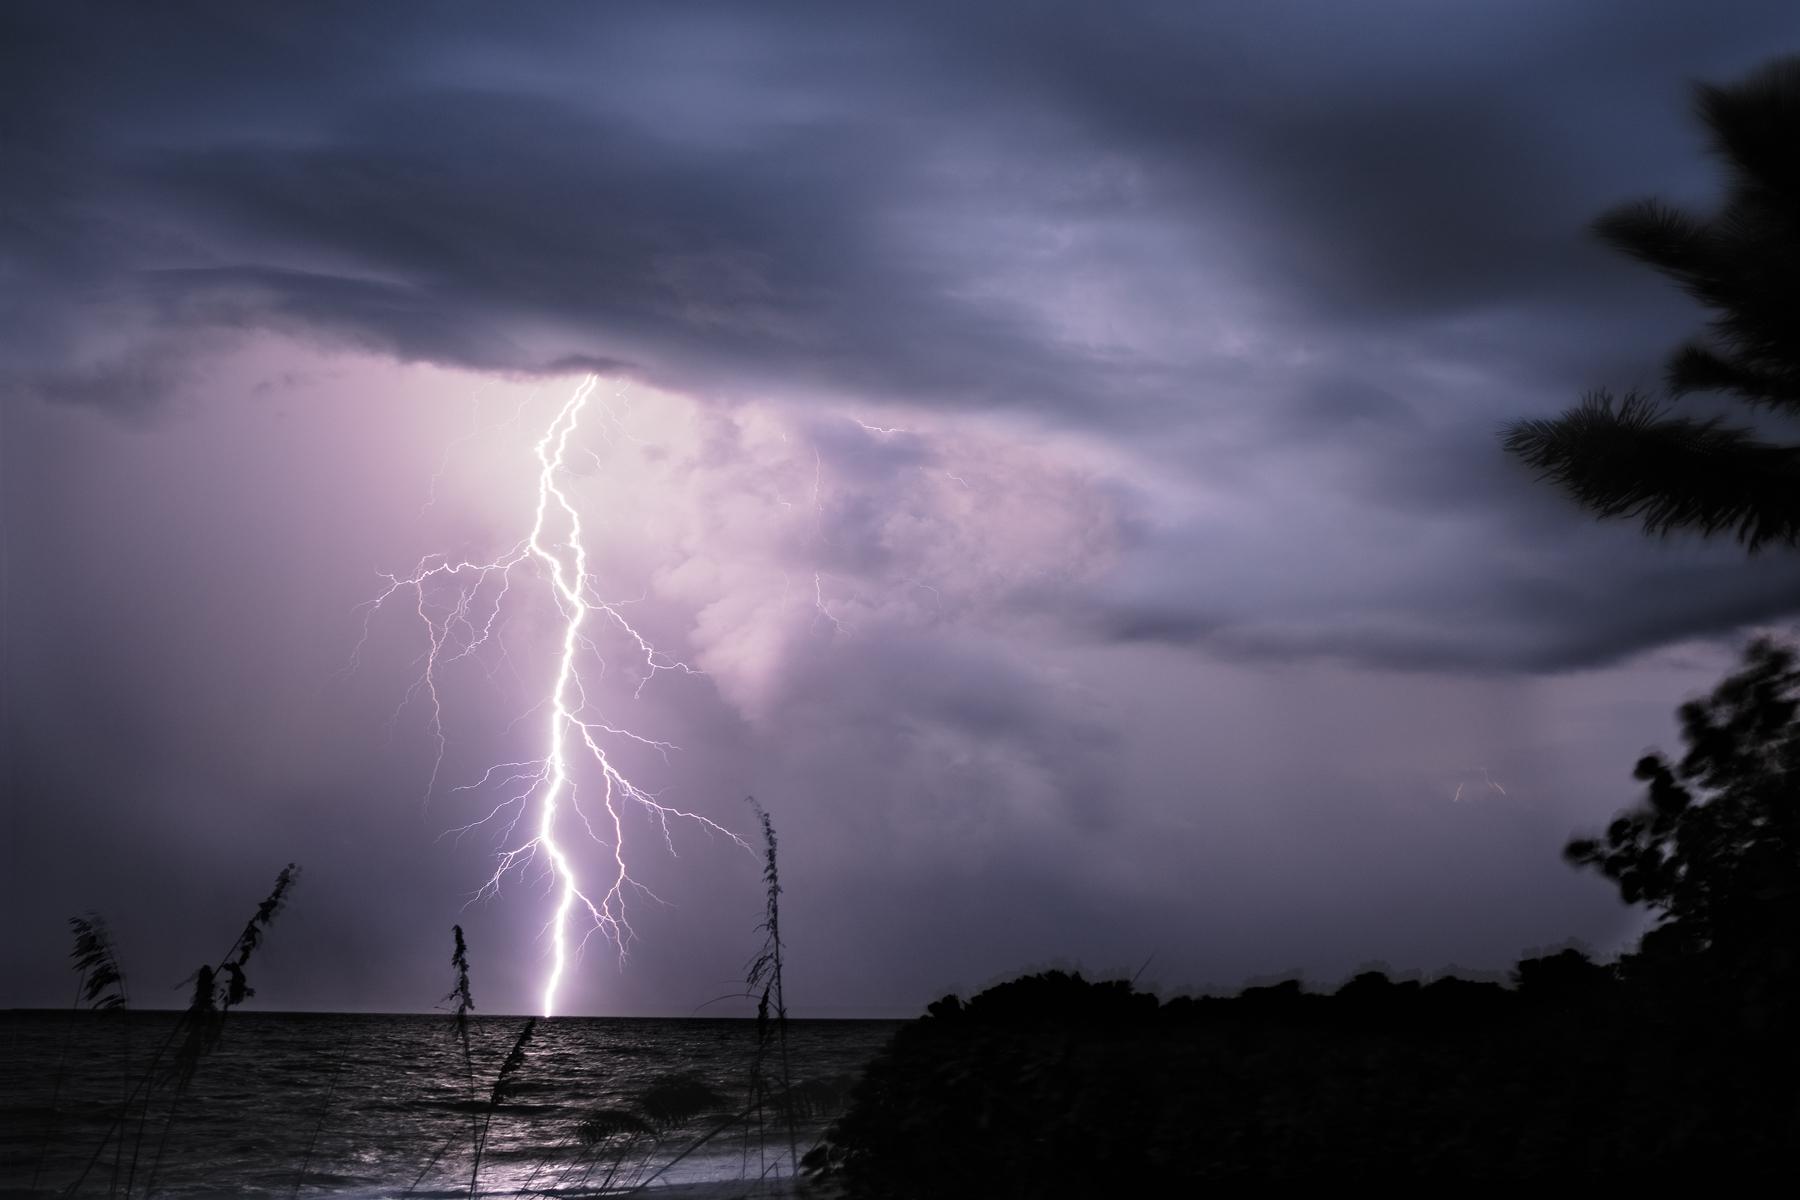 4592-lightning-4x6-web-tk_korkqm